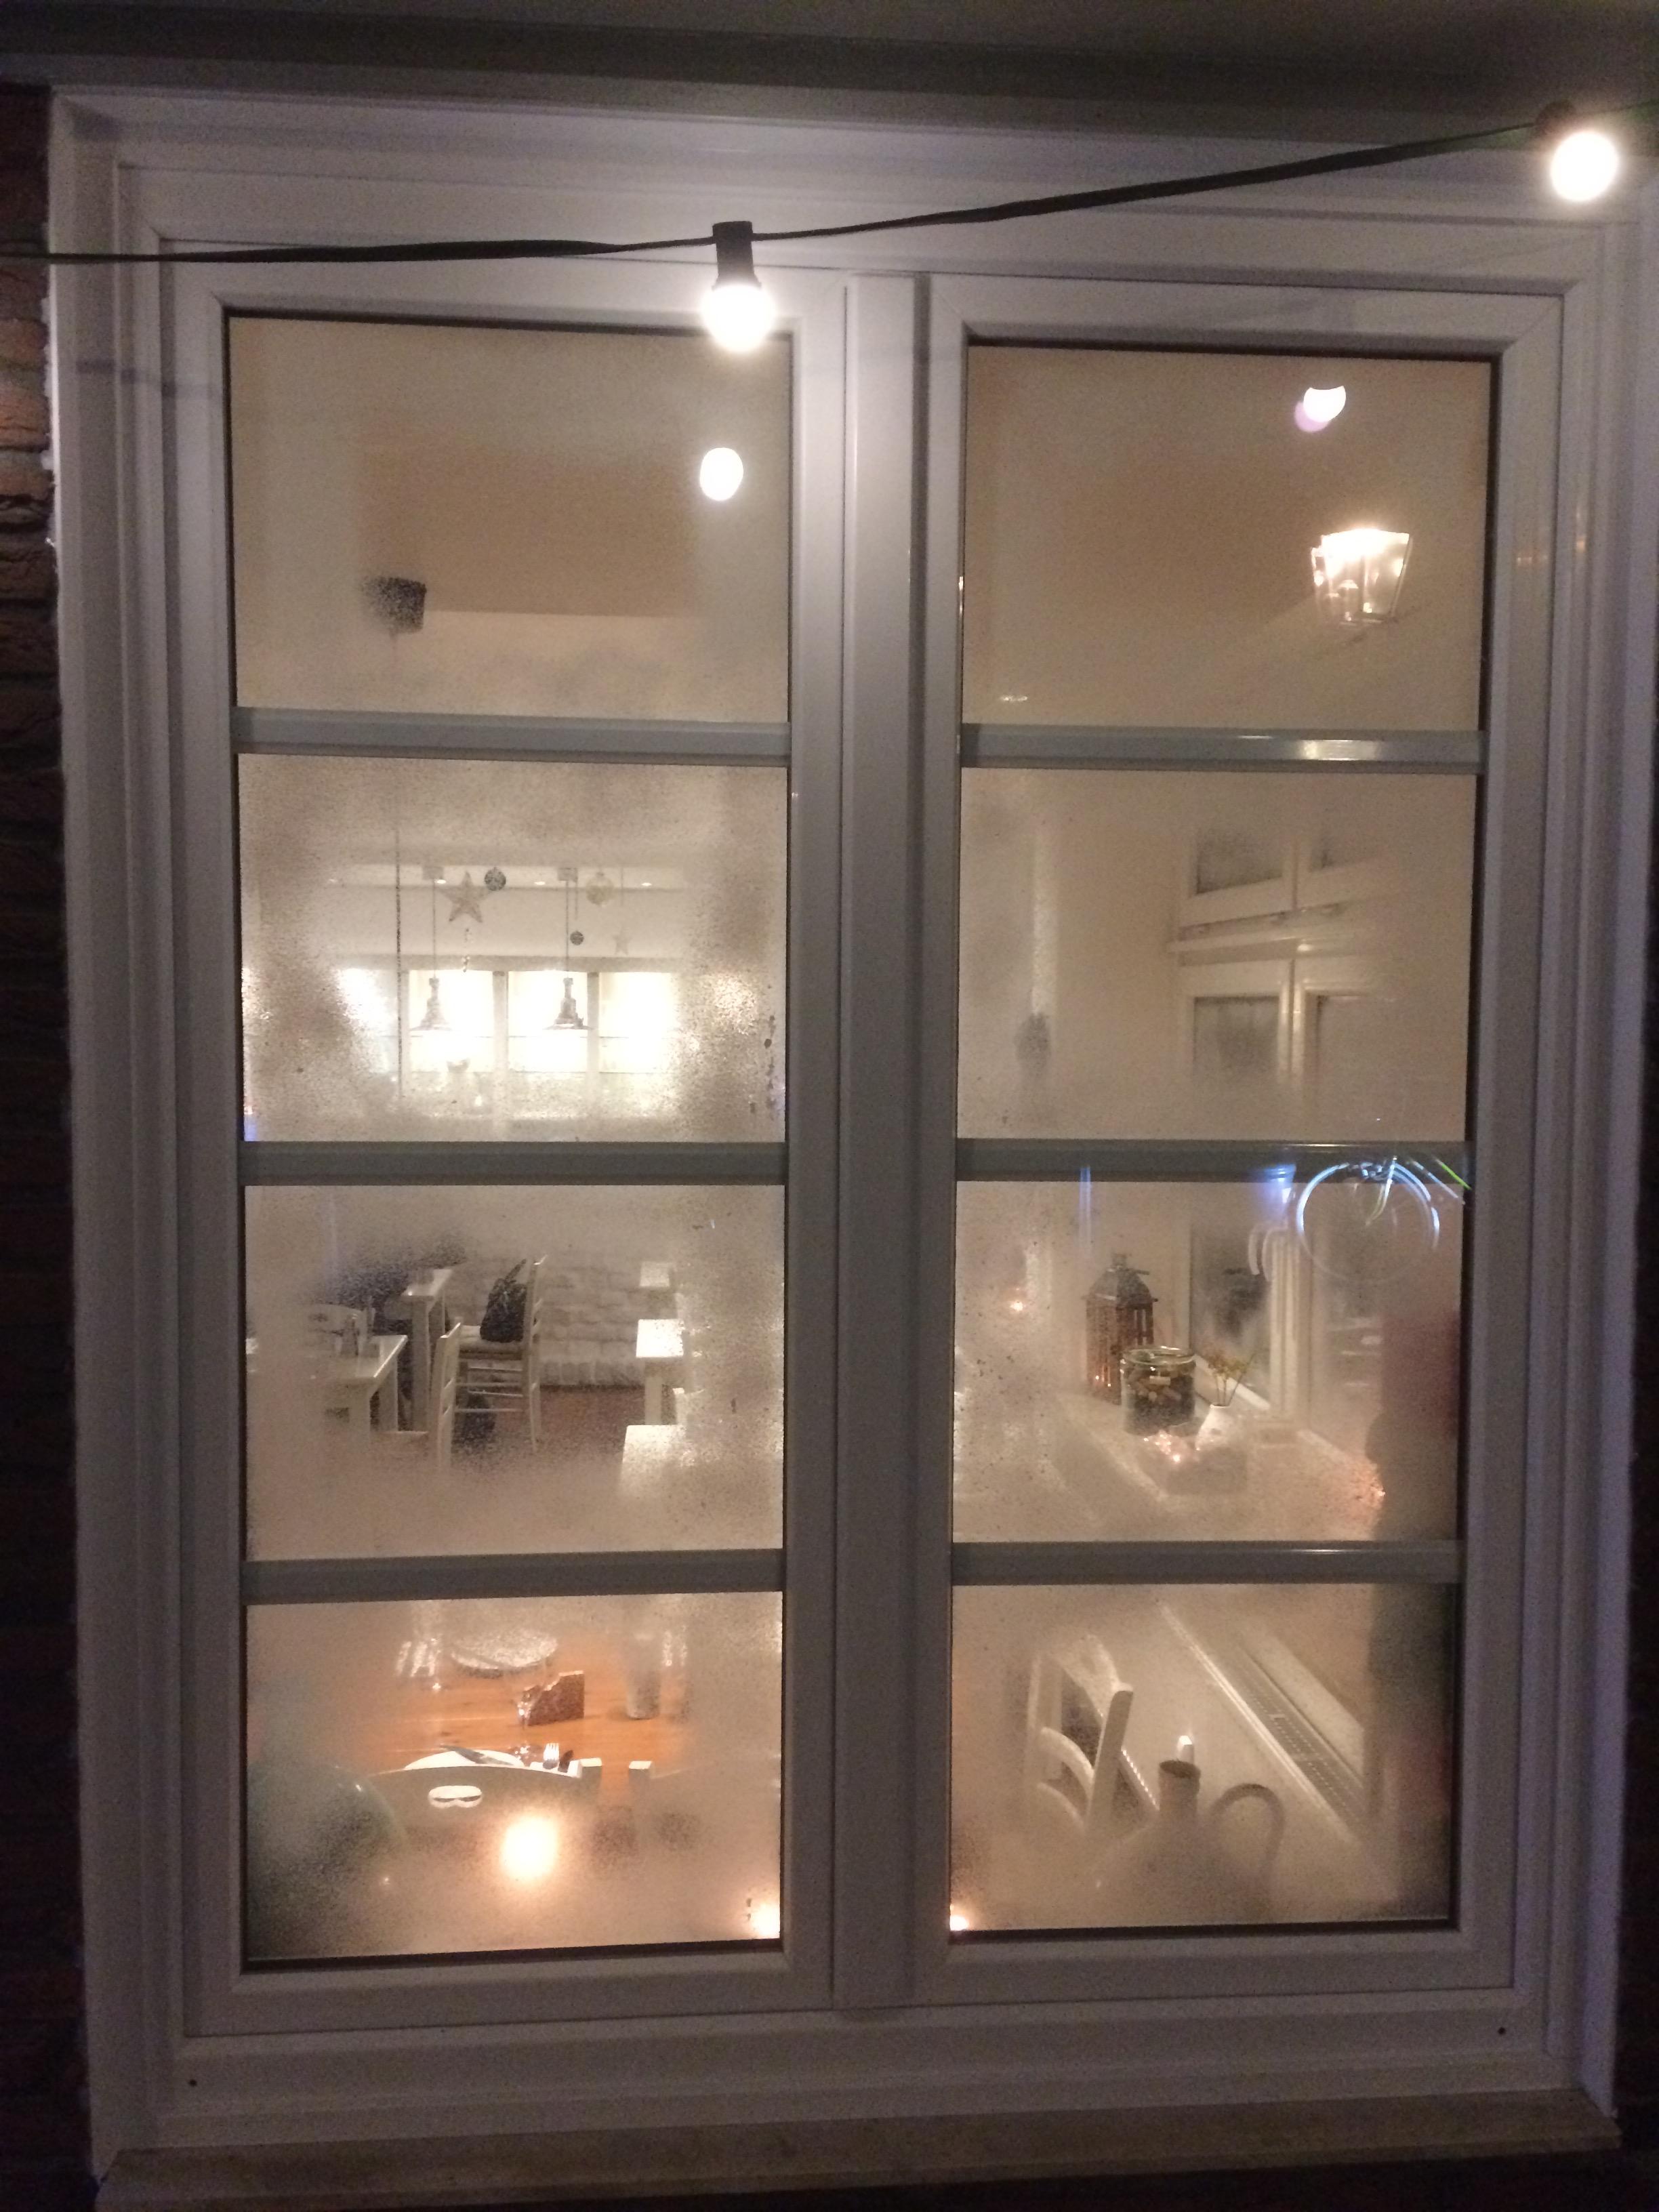 Fenster mit unterlicht with fenster mit unterlicht for Fenster unterlicht